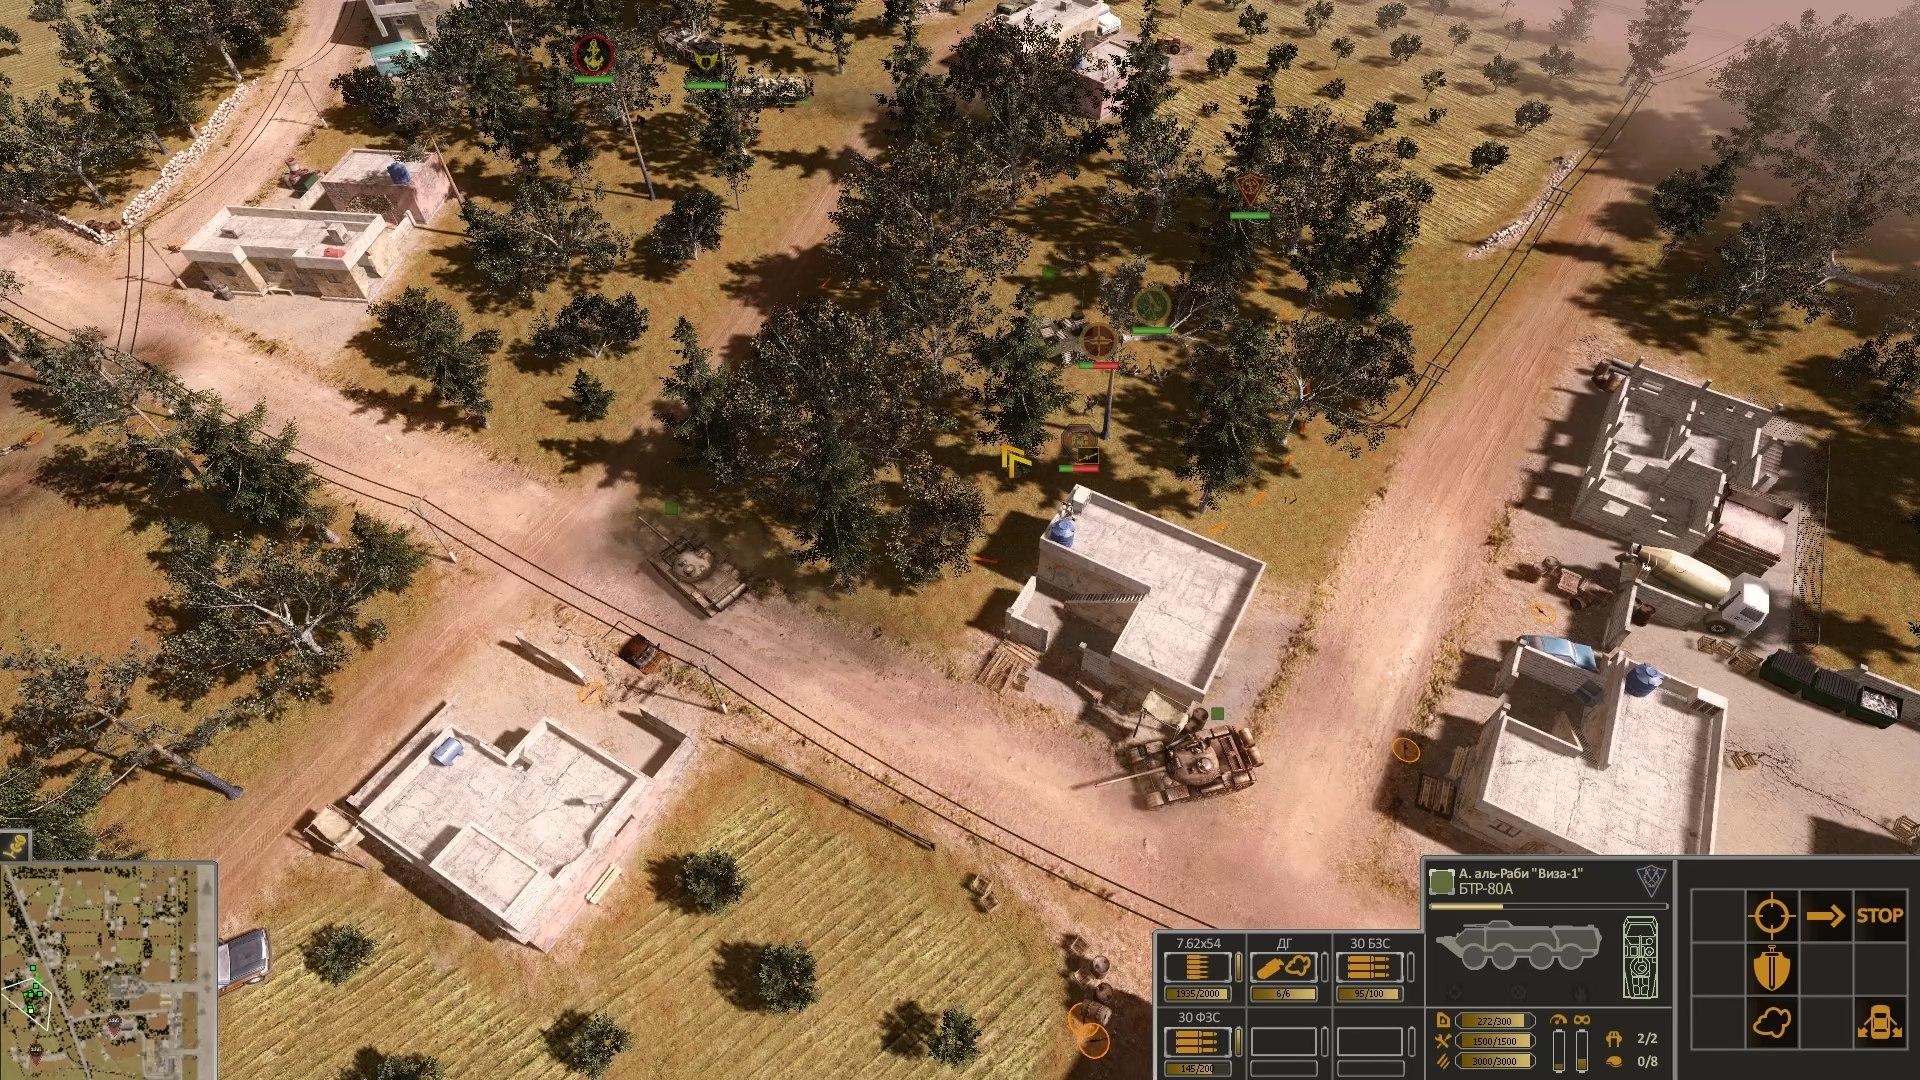 Syrian Warfare Screenshot 1